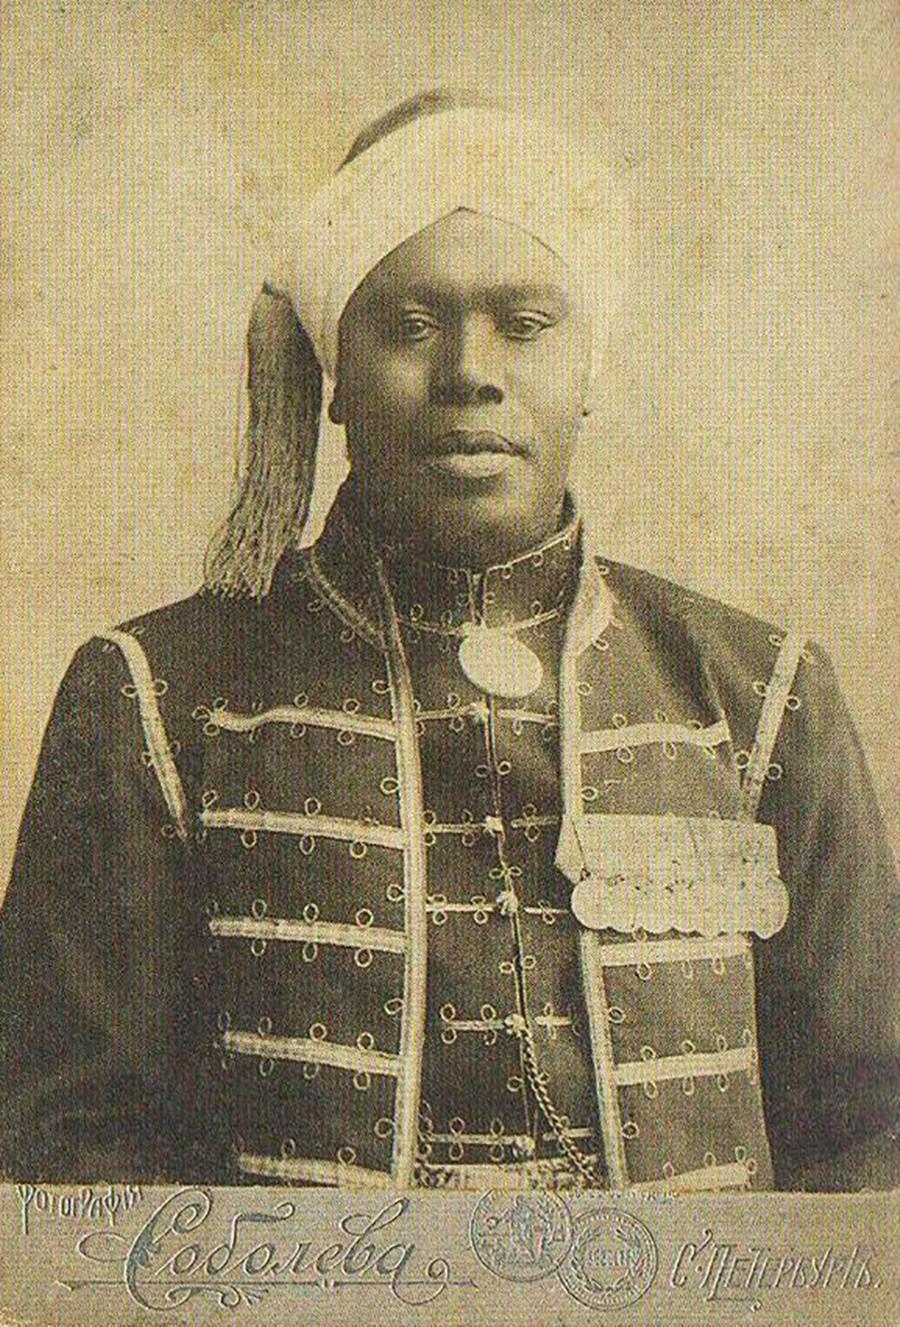 ゲオルギー・ニコラエヴィチ・マリア。シニアのアラプ。カーボベルデの出身者。